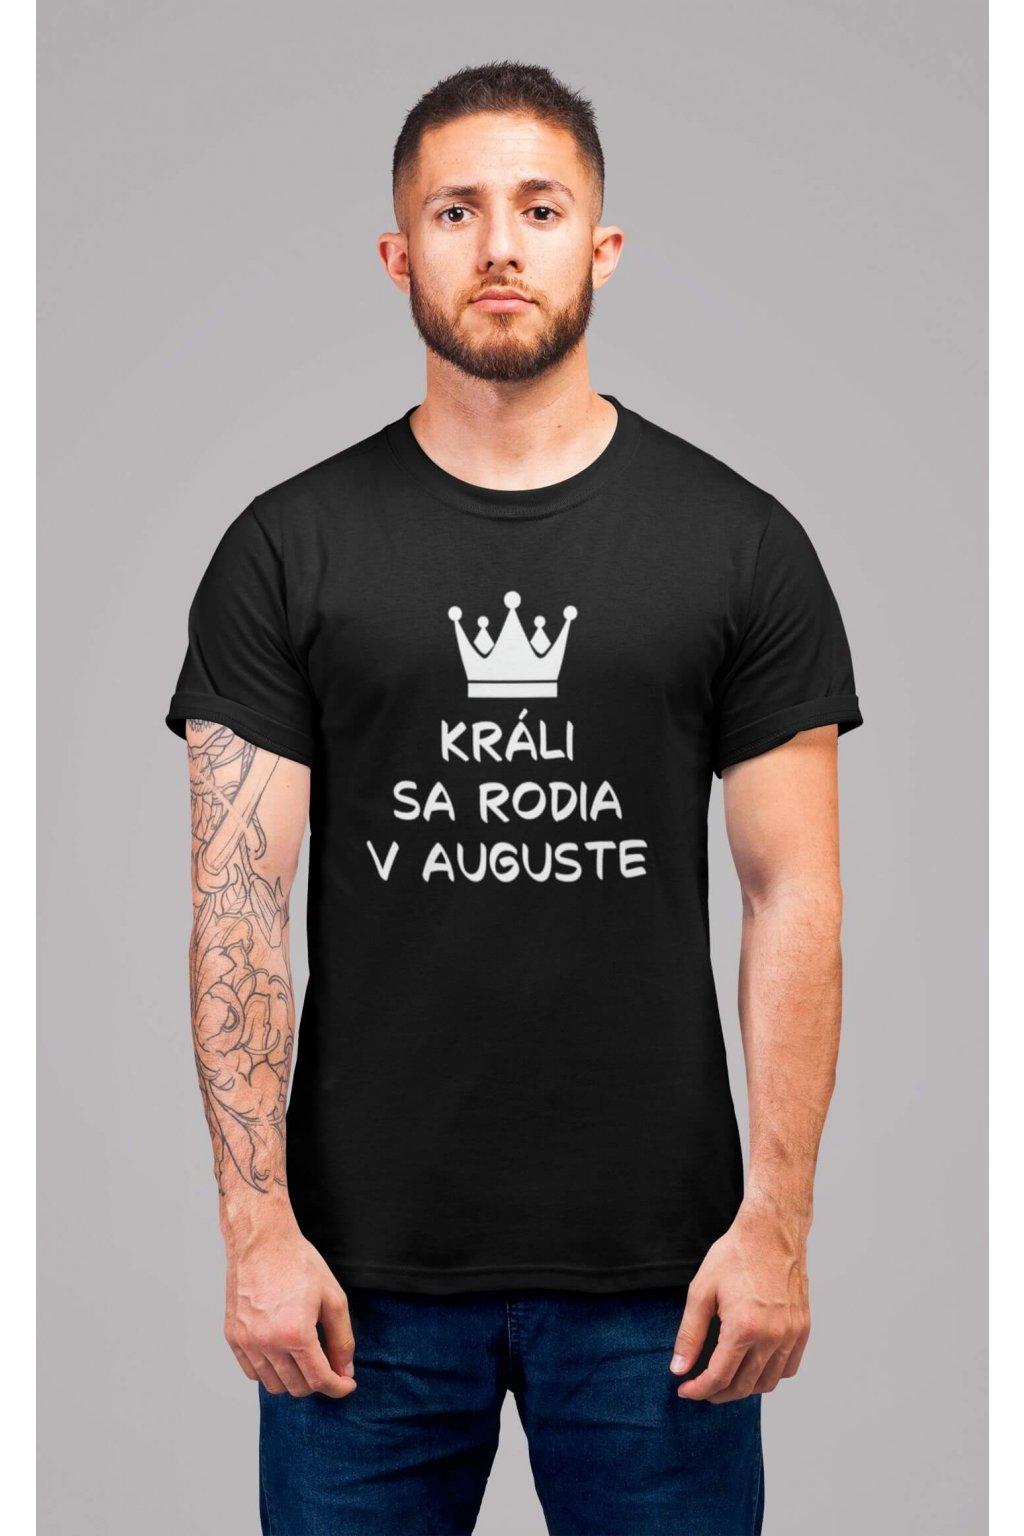 Pánske tričko Králi sa rodia v auguste